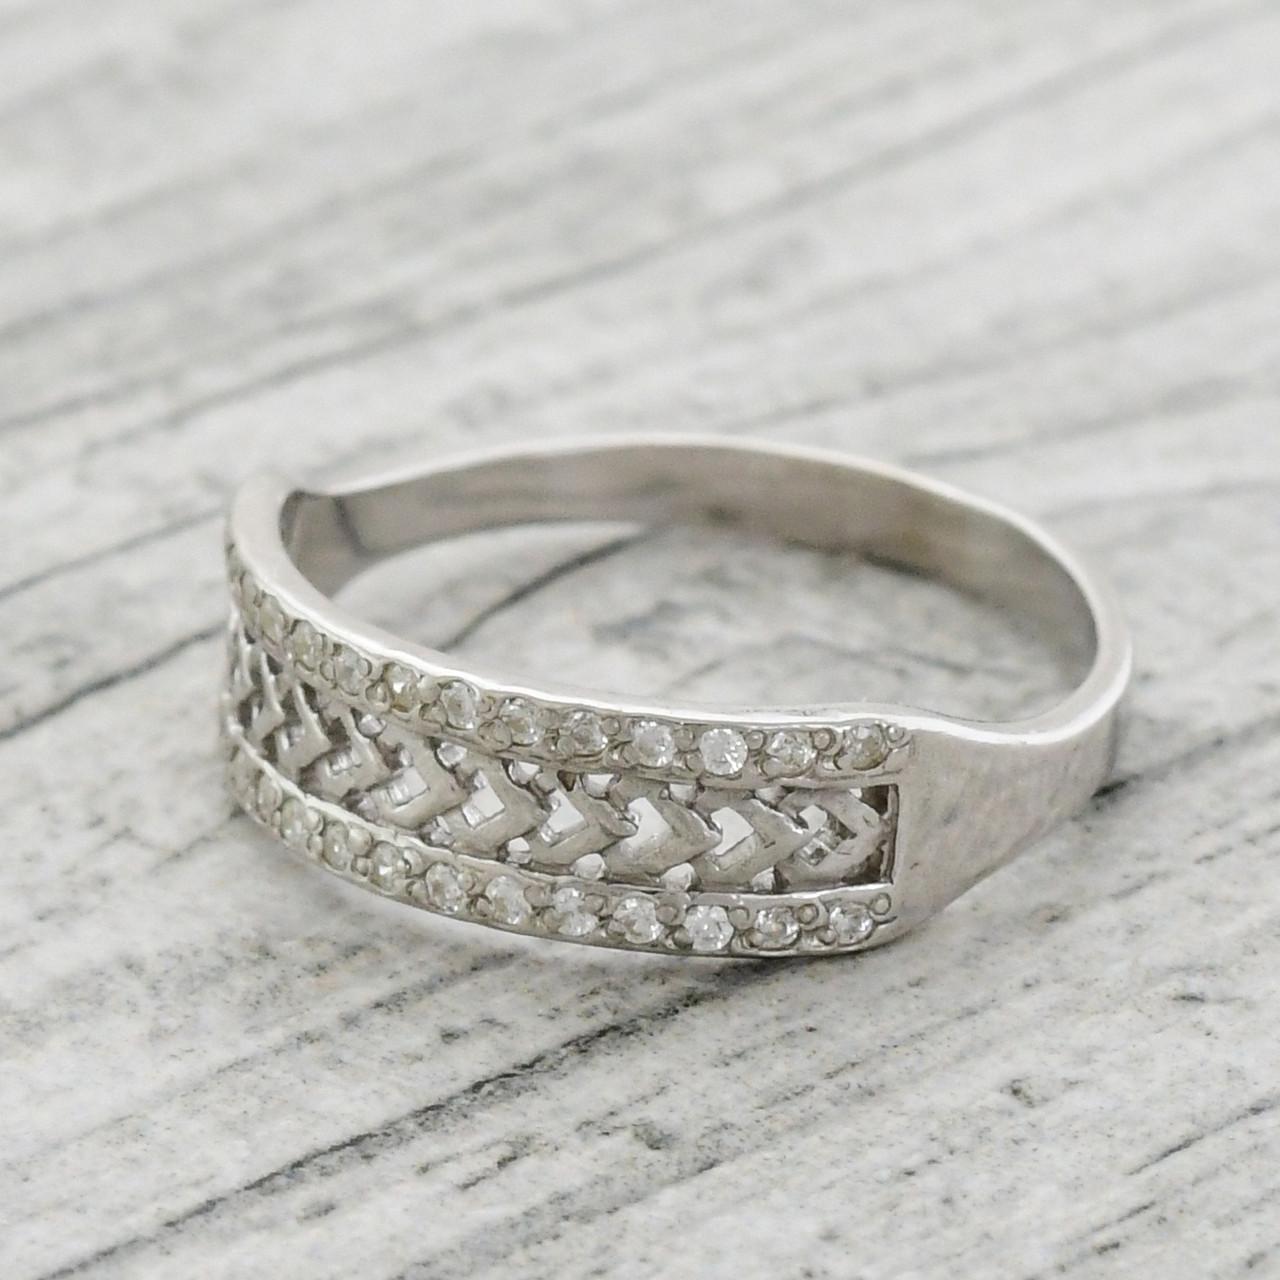 Серебряное кольцо Возрождение вставка белые фианиты вес 1.7 г размер 16